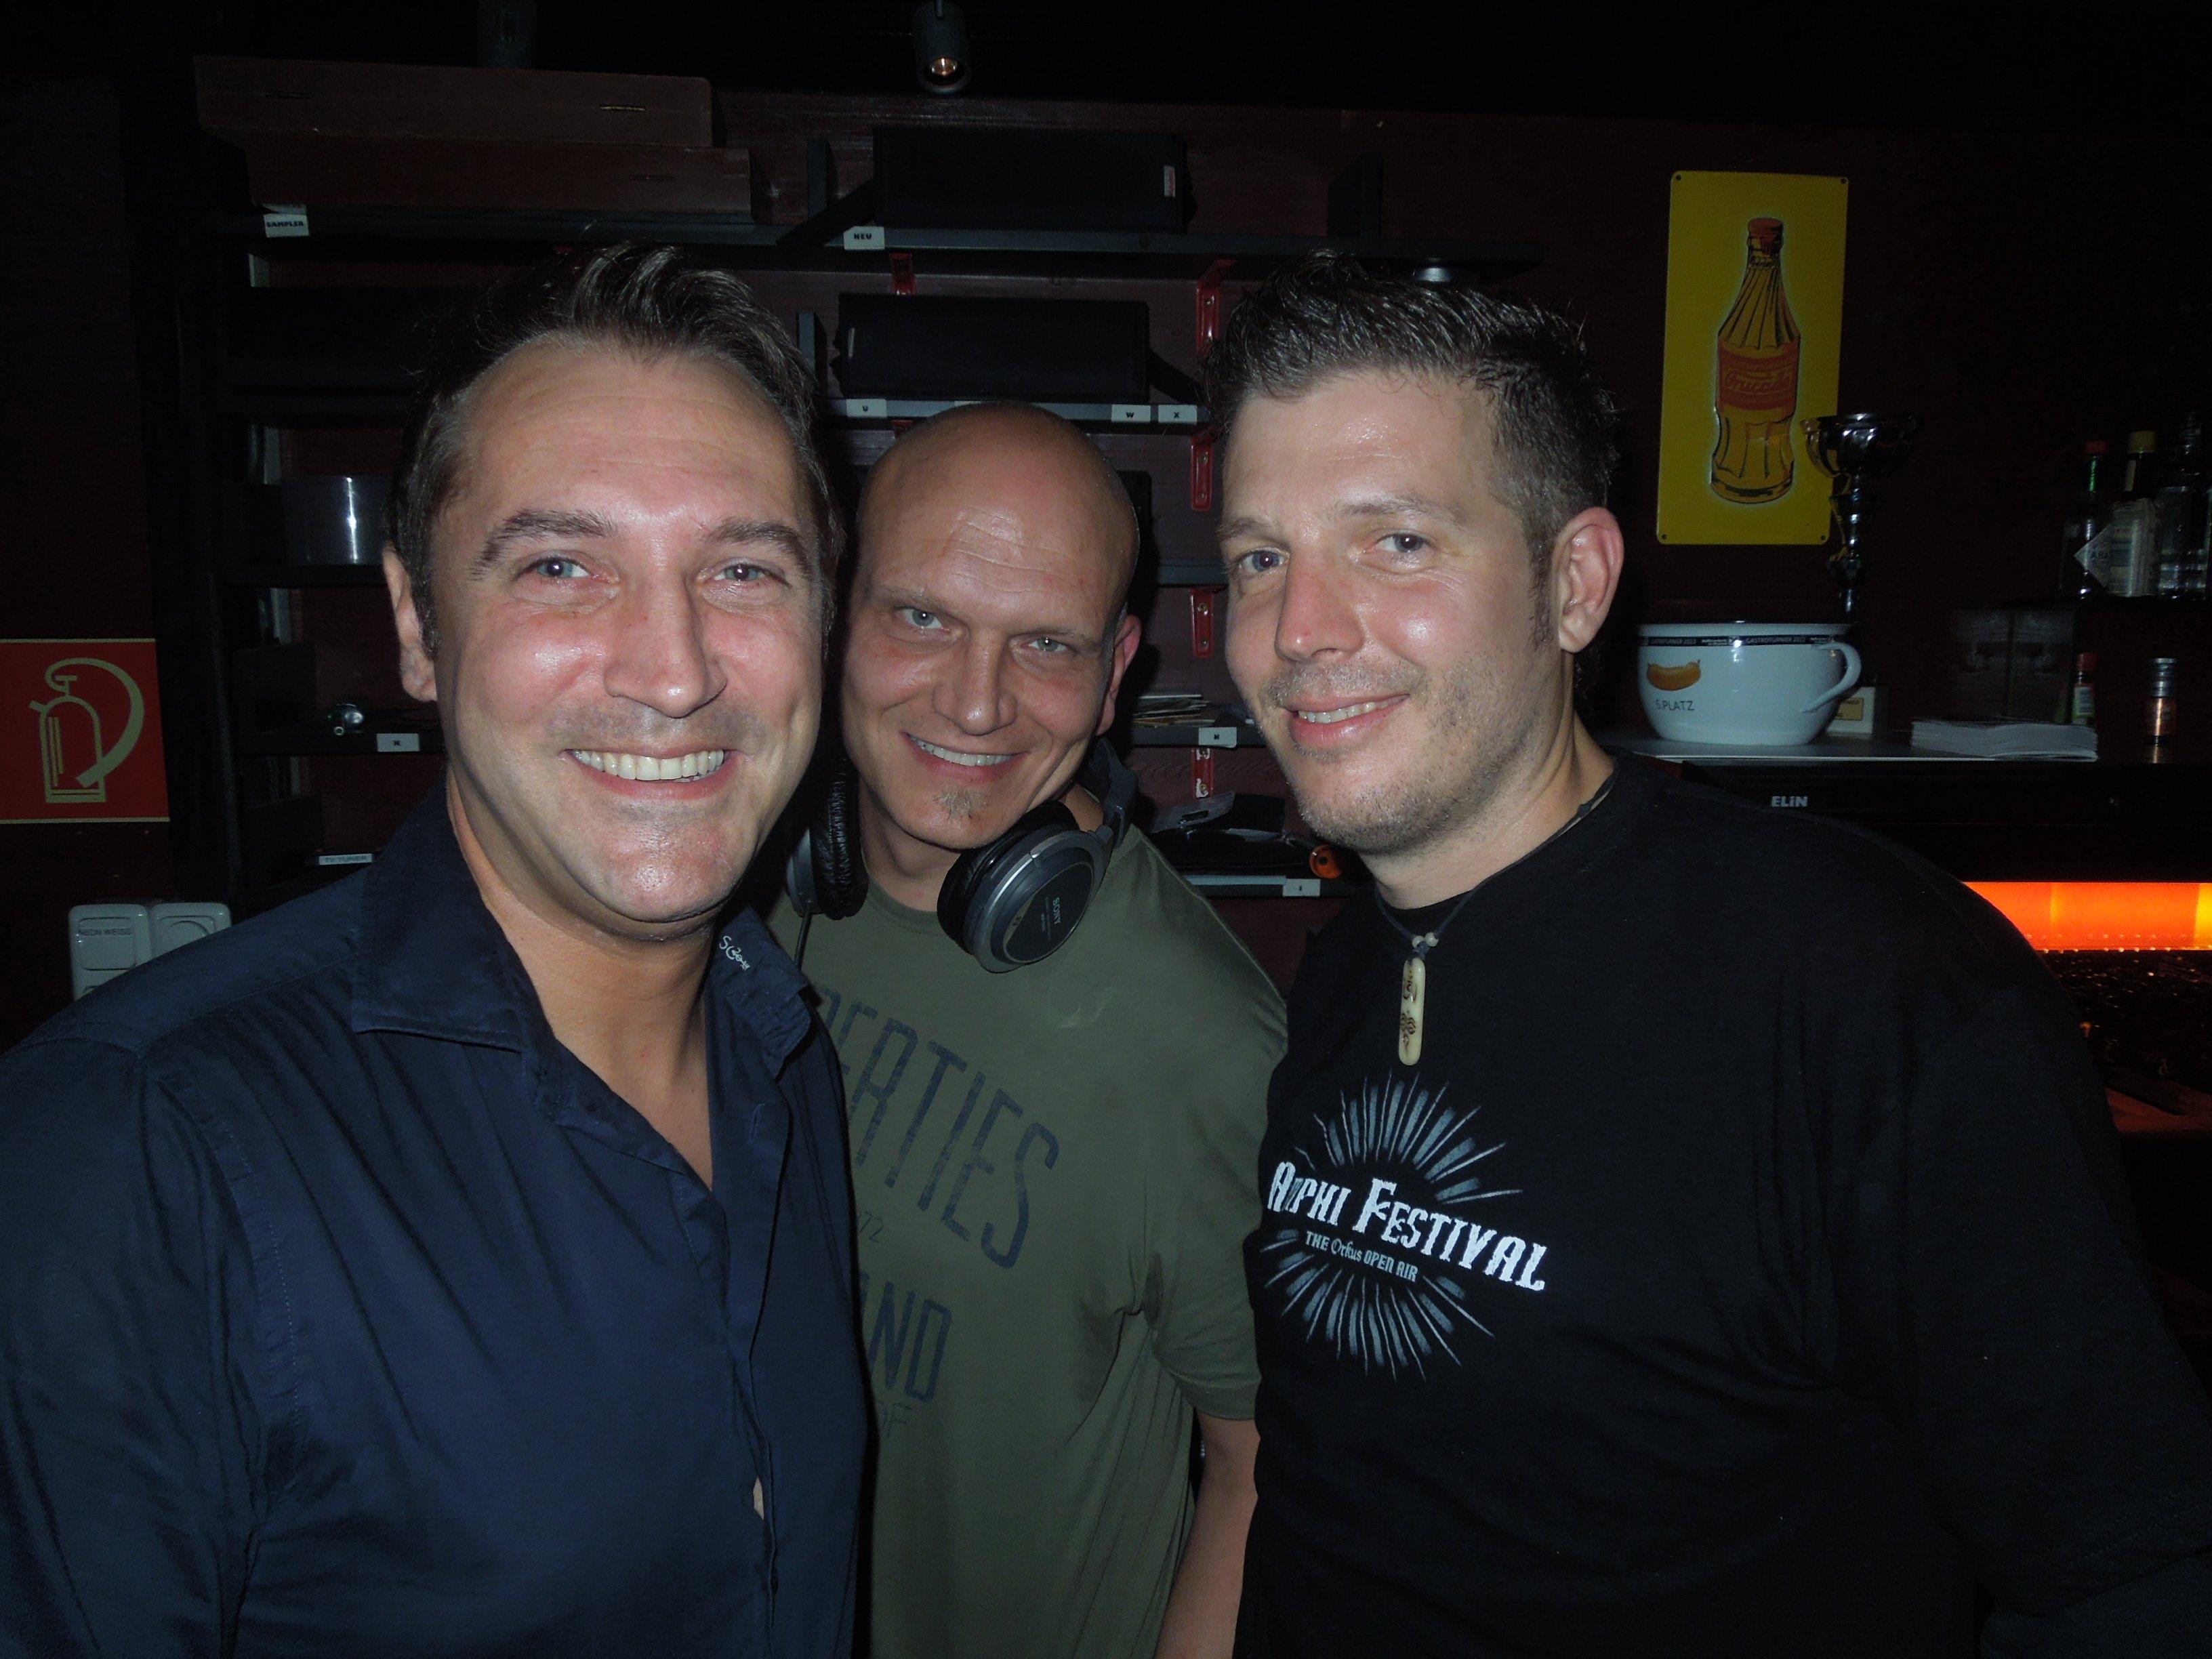 Die pop & wave-Crew freut sich wieder auf eine weitere legendäre Partynacht im Spielboden.